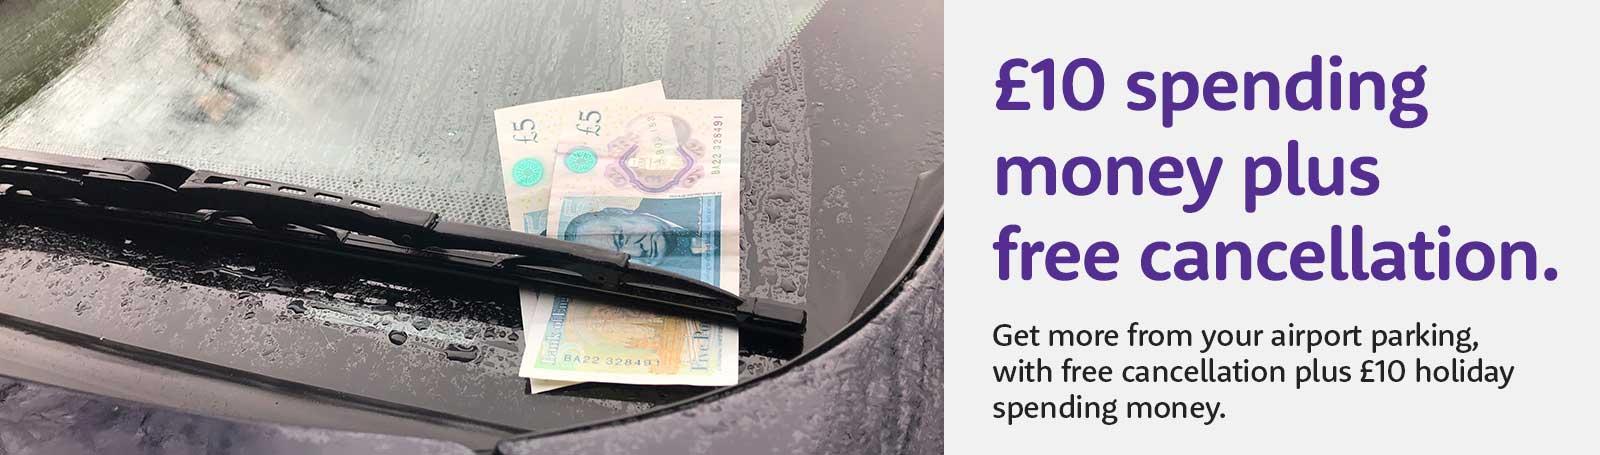 Caxton FX travel money offer banner